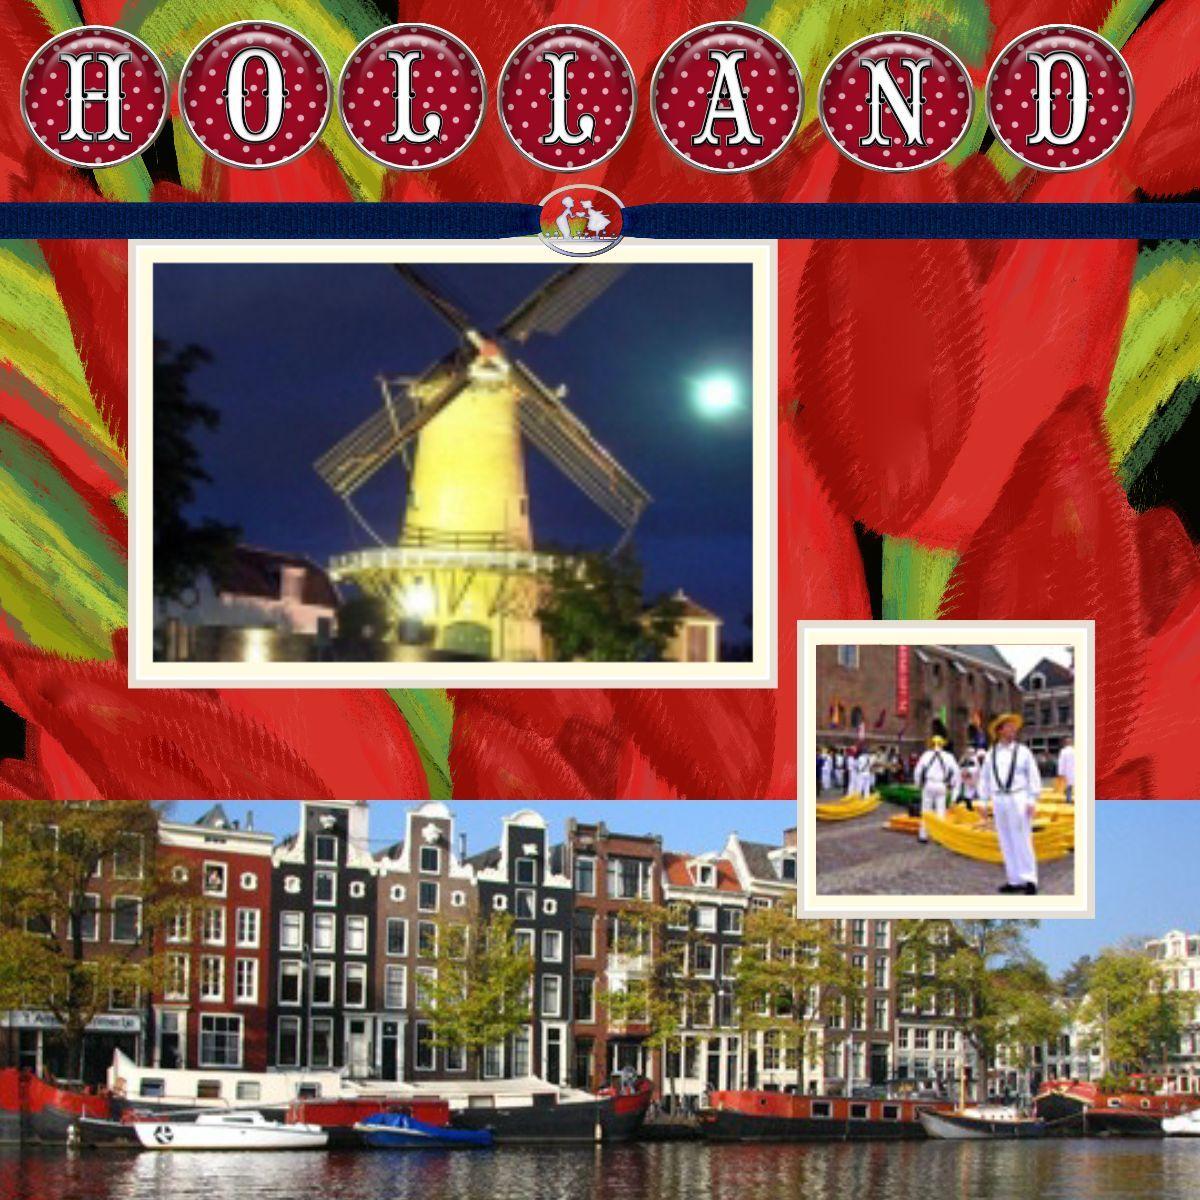 Holland View Digital Scrapbooking At Scrapbook Flair Vacation Scrapbook Cruise Scrapbook Scrapbook Printing